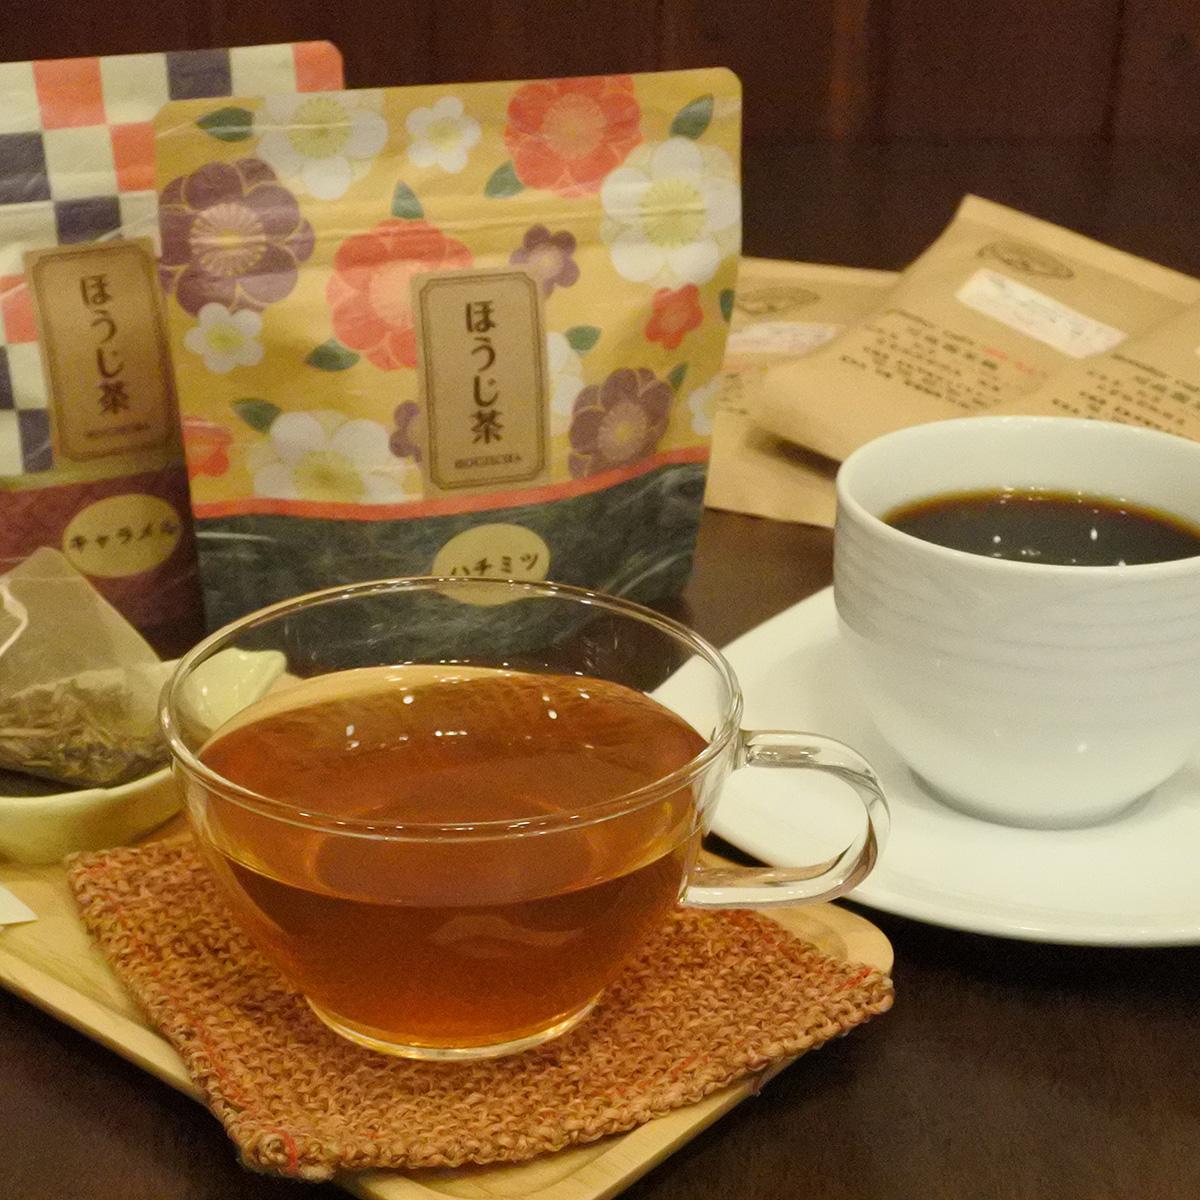 【ふるさと納税】こだわりの自家焙煎コーヒー(粉)3種類とフレーバーほうじ茶のセット